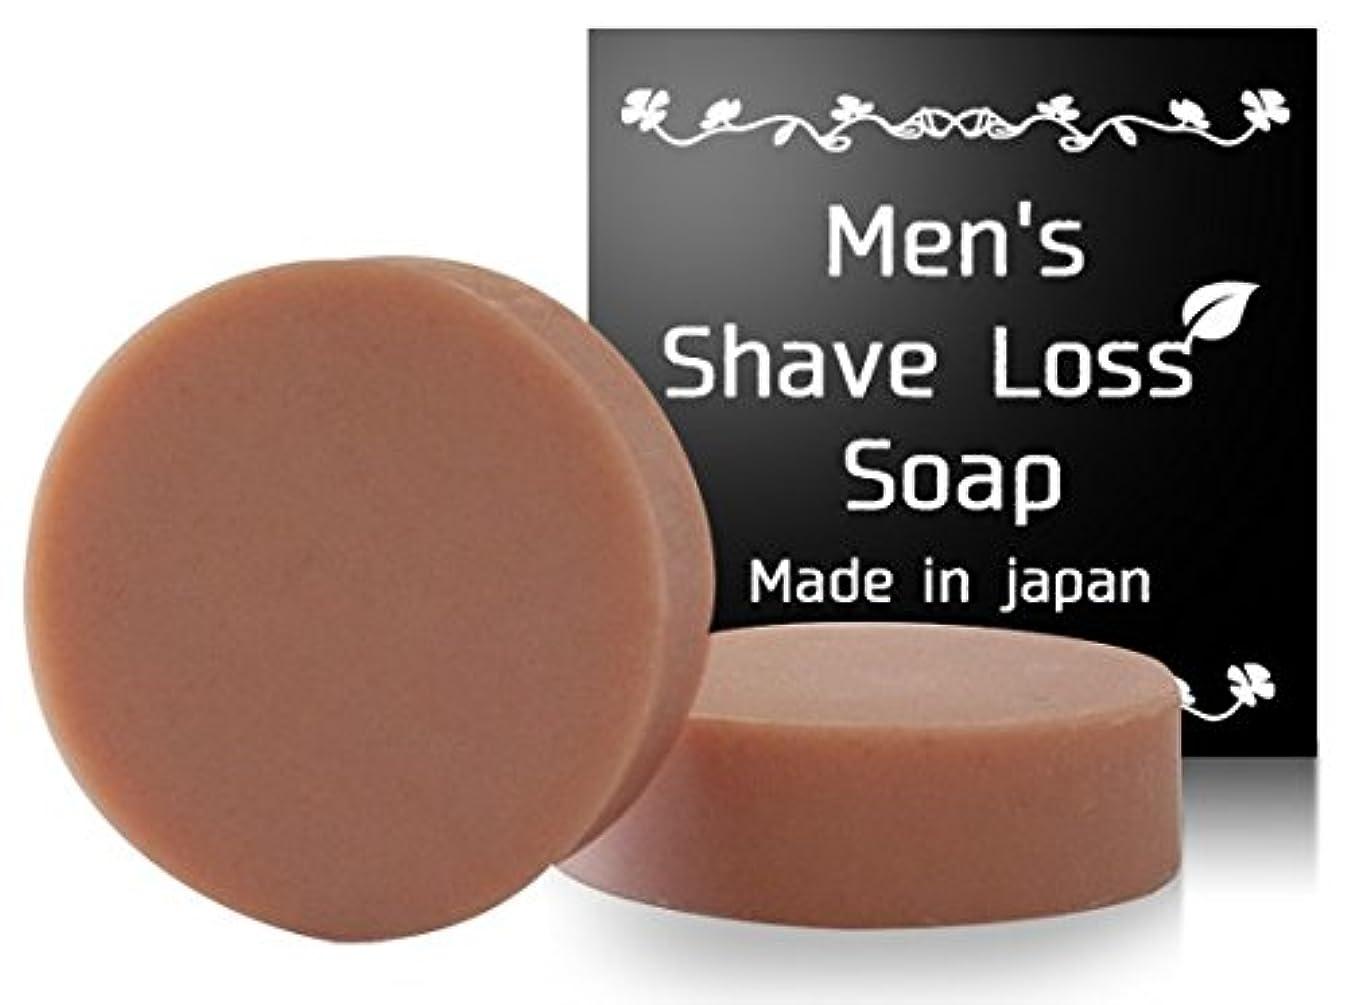 実際のケーブルカーアラブ人Mens Shave Loss Soap シェーブロス 剛毛は嫌!ツルツル過ぎも嫌! そんな夢を叶えた奇跡の石鹸! 【男性専用】(1個)